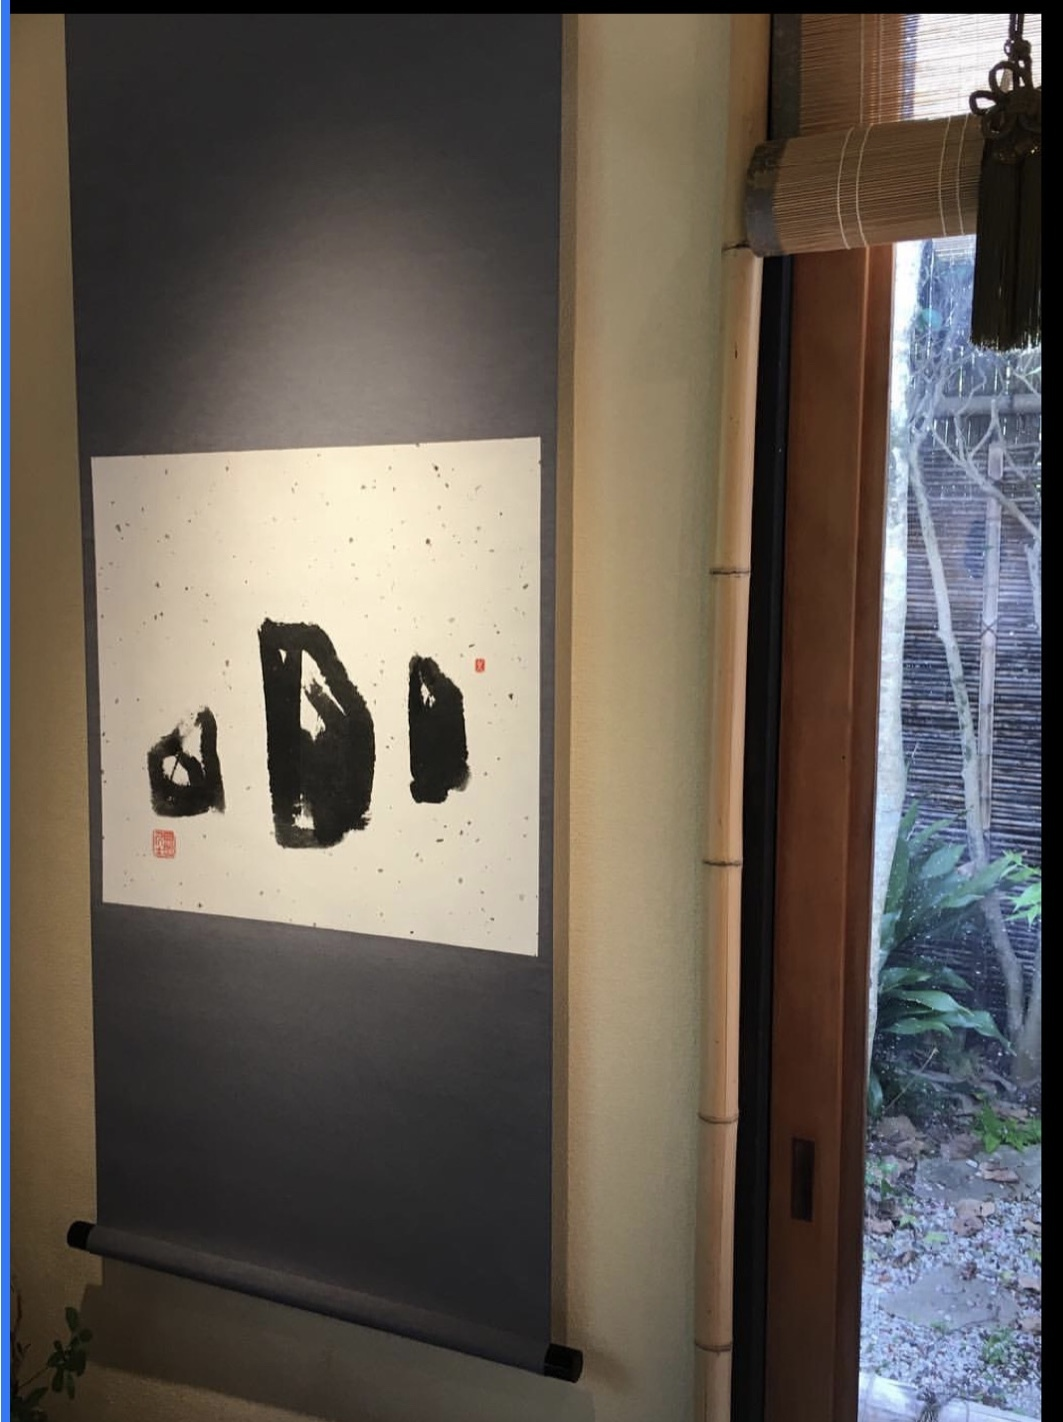 祇園にある美登英利さんの作品_a0197730_13174955.jpeg